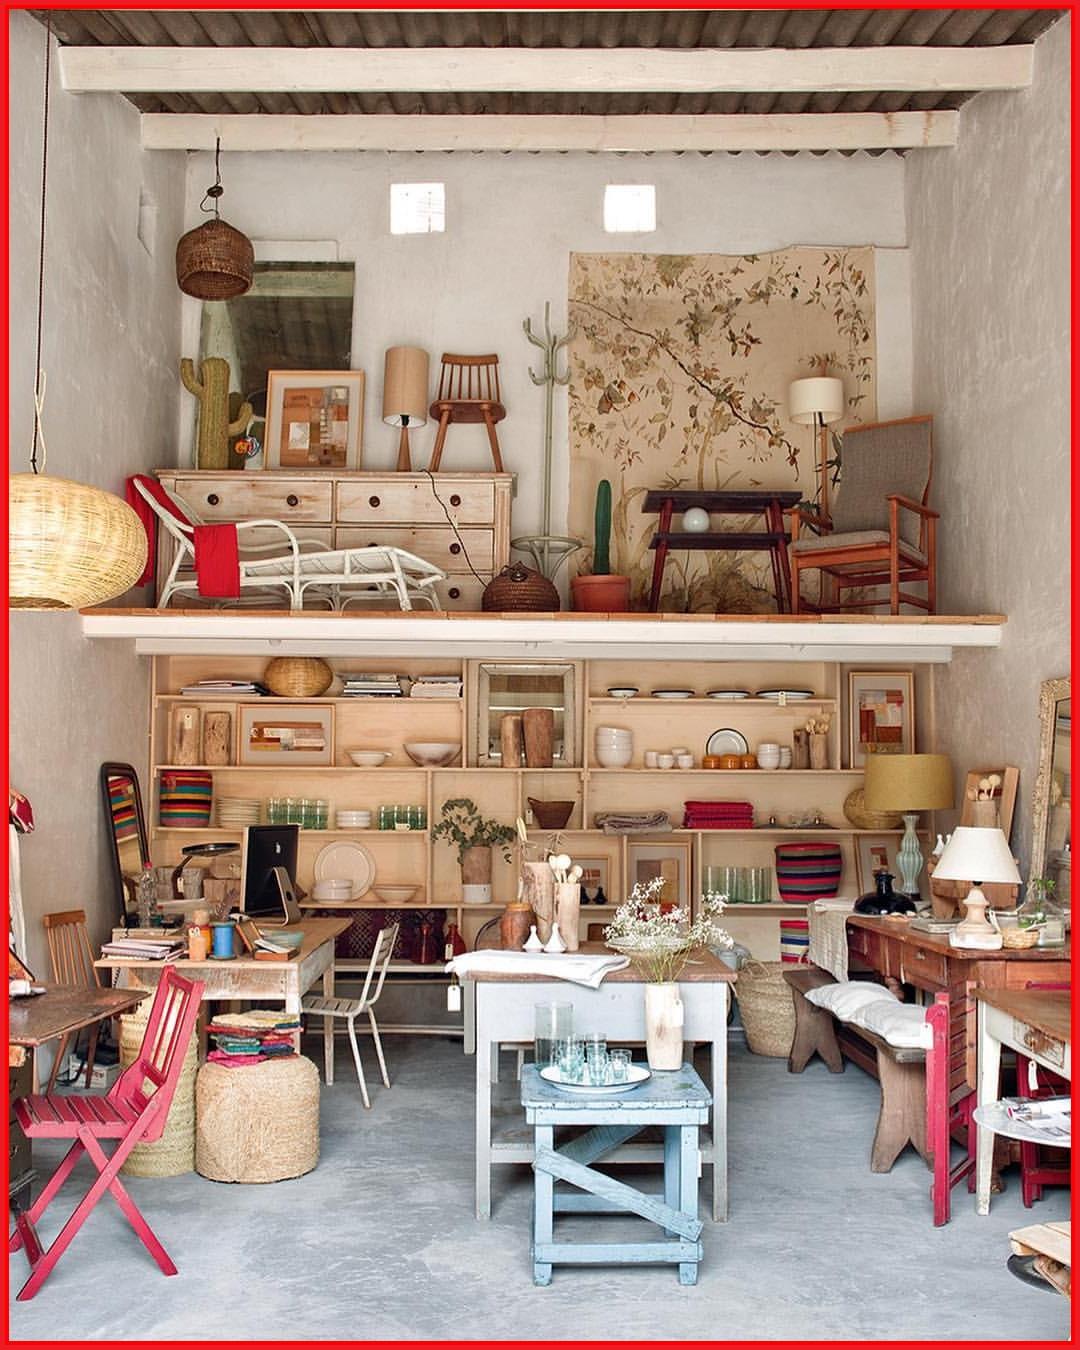 Tiendas Muebles Mallorca Gdd0 Tienda Muebles Nià Os Nuevo Tiendas De Muebles En Palma De